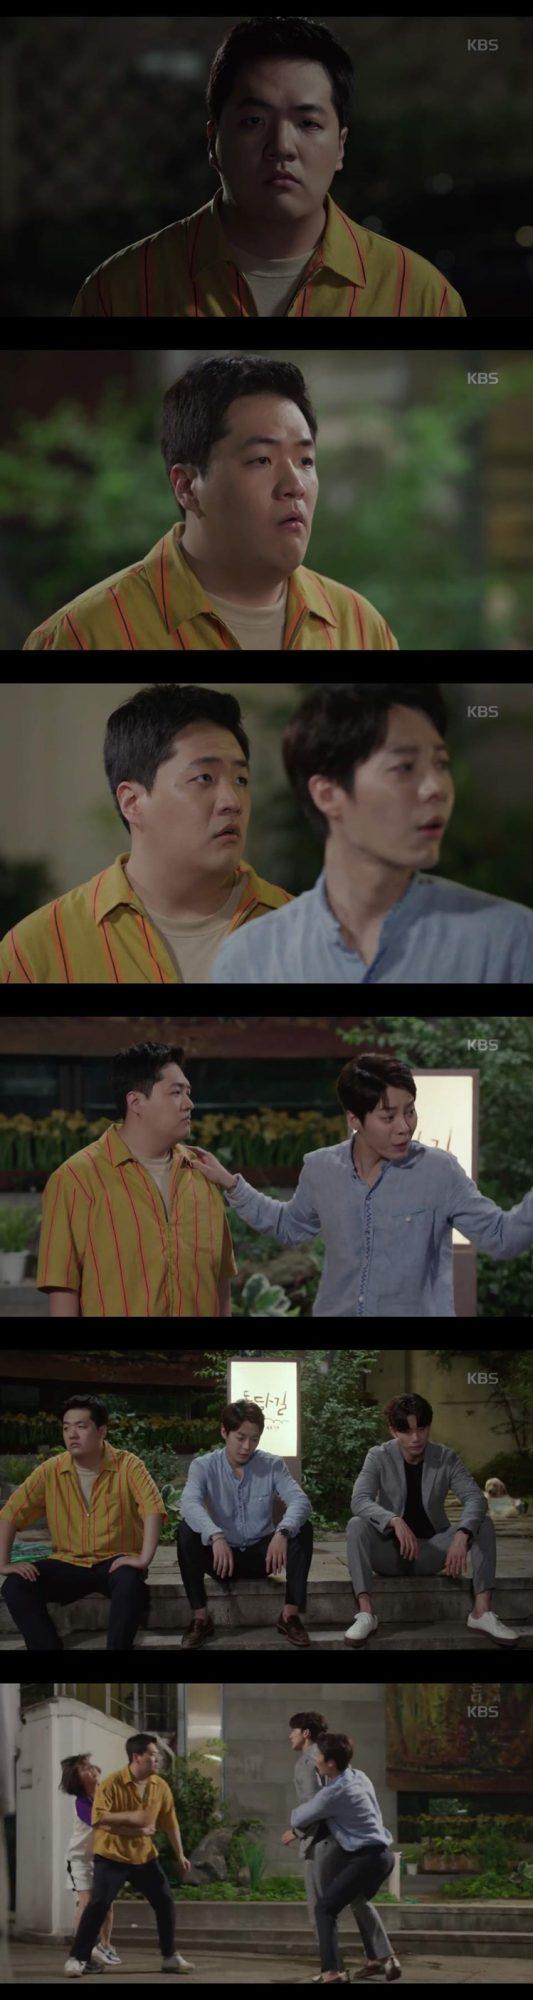 KBS2 주말드라마 '세상에서 제일 예쁜 내 딸' 방송화면. /사진제공=KBS2